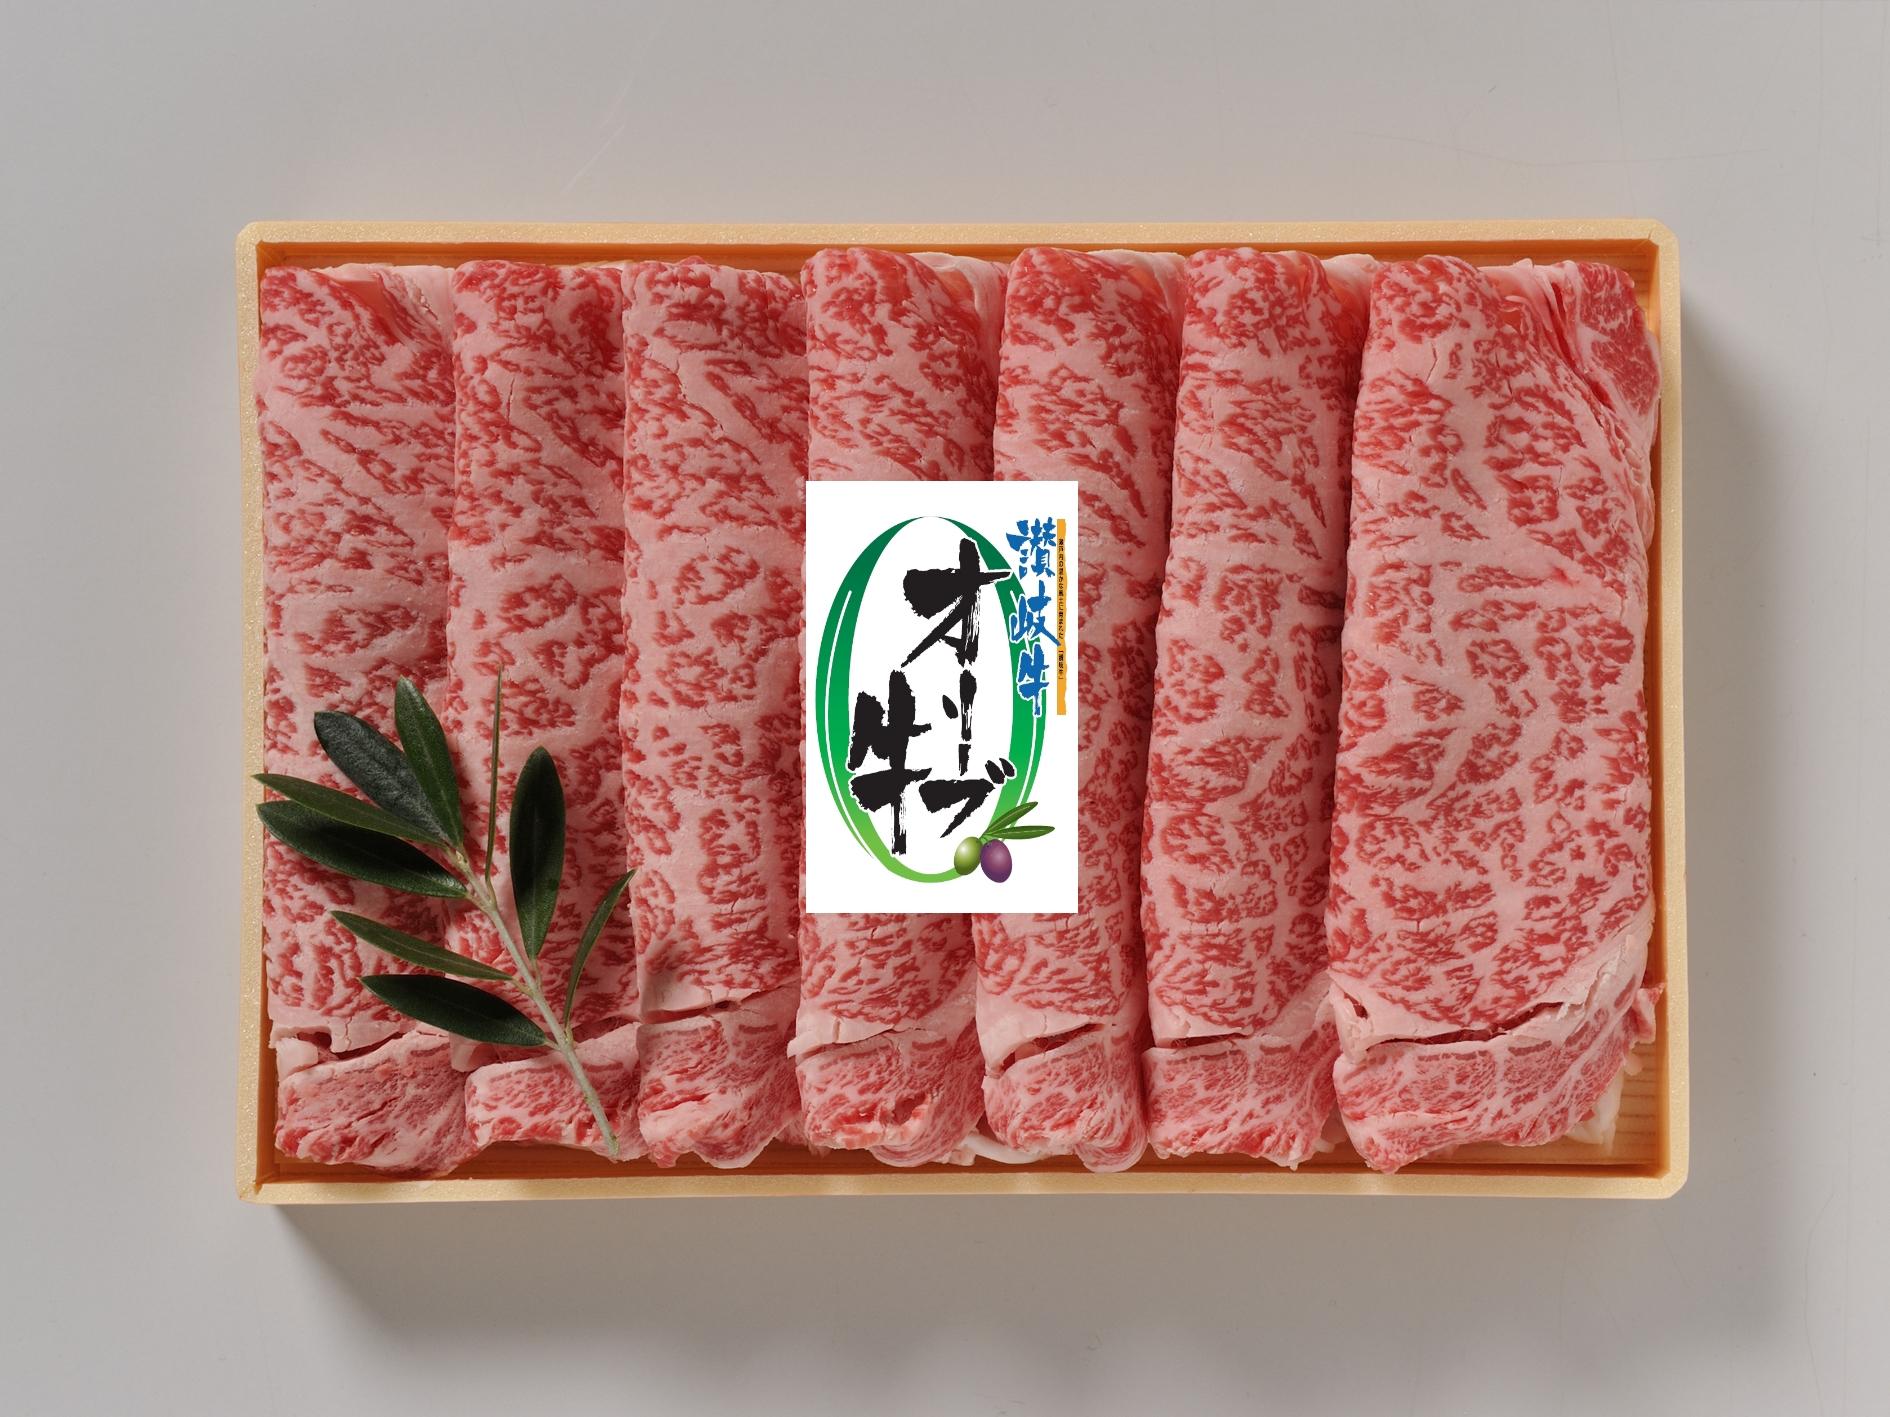 【#元気いただきますプロジェクト対象】オリーブ牛ロースすき焼き400g【香川県/同梱不可・産地直送】